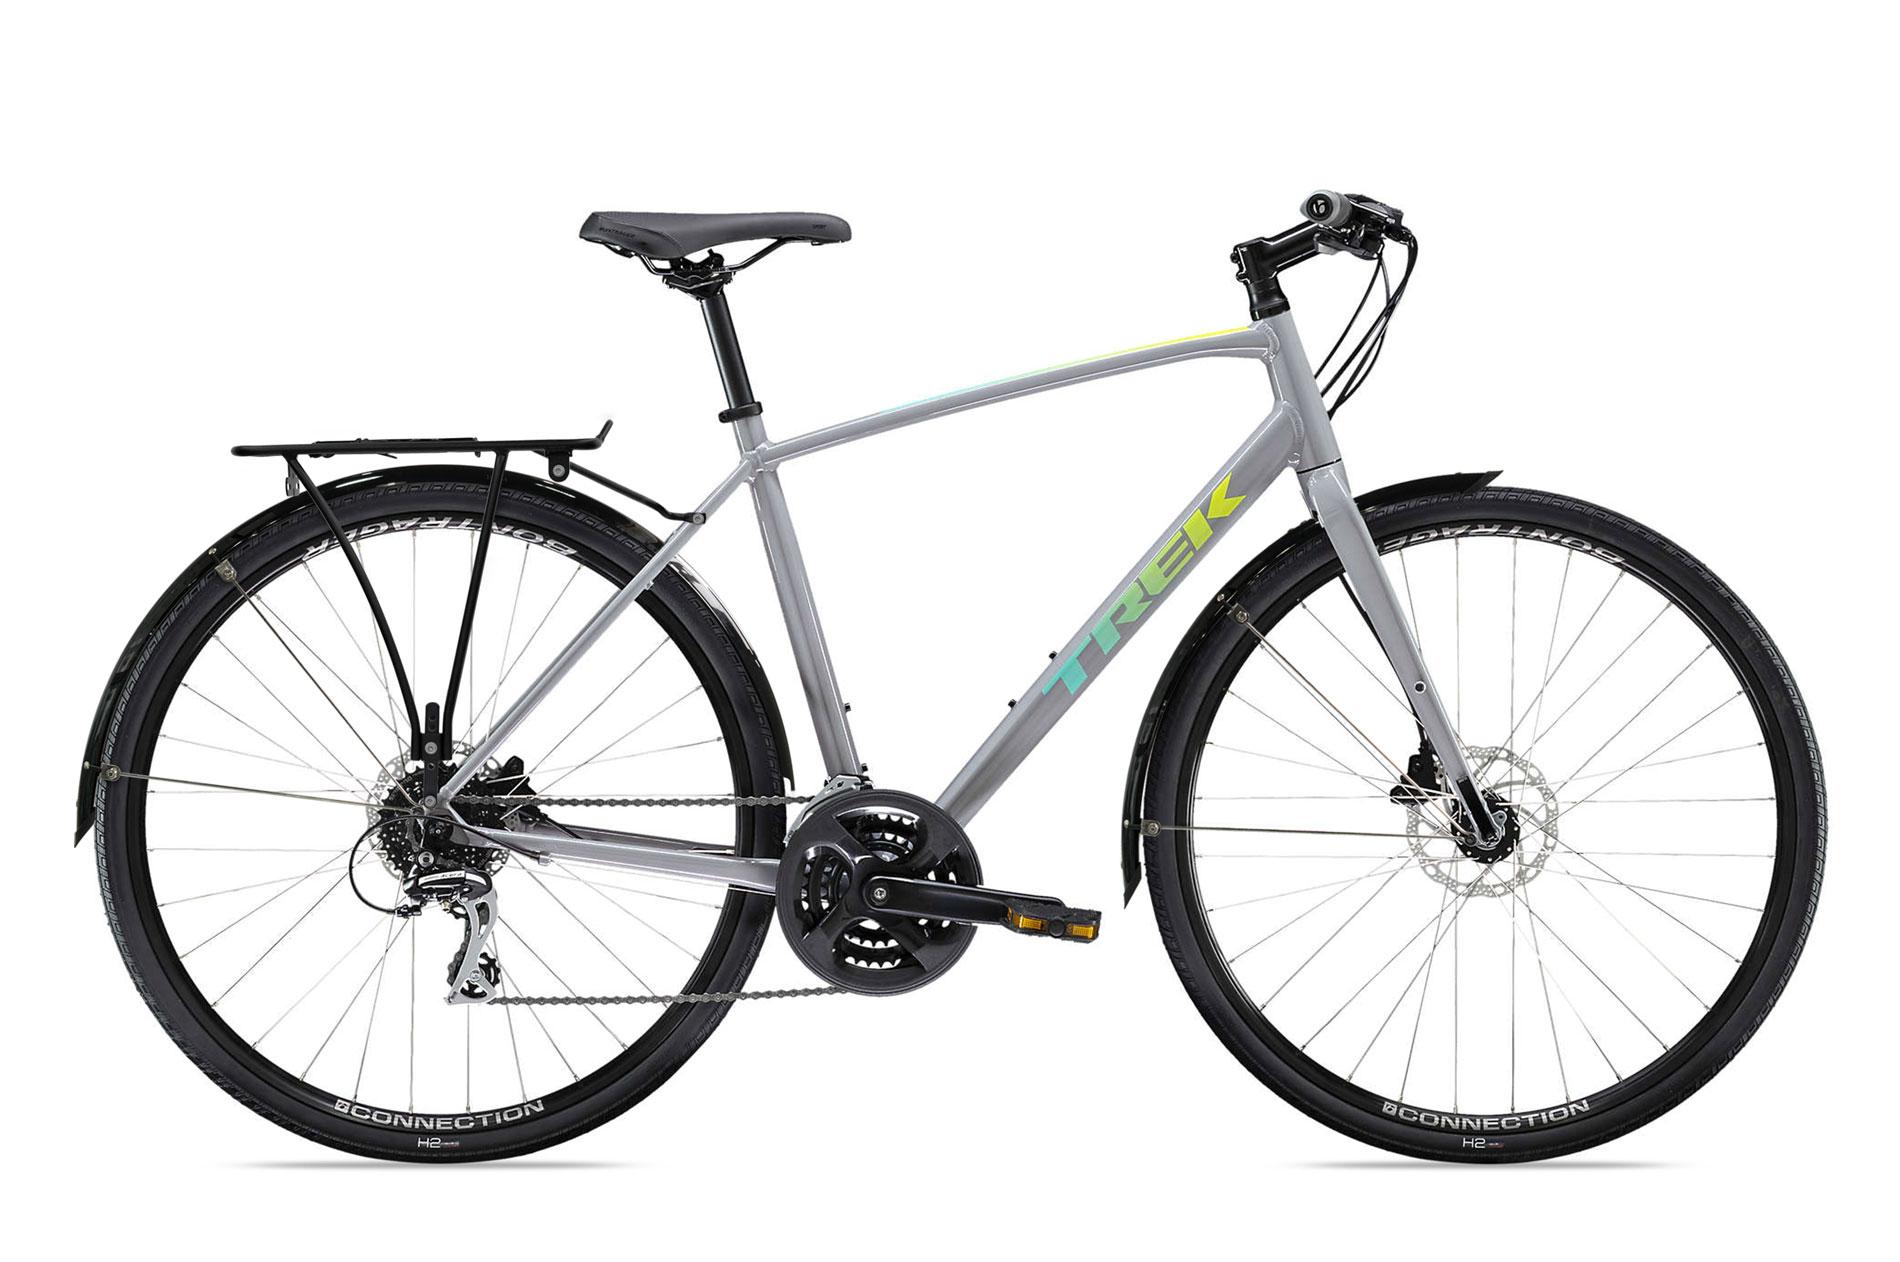 xe đạp thể thao thành phố Trek FX 2 Disc fitness bike